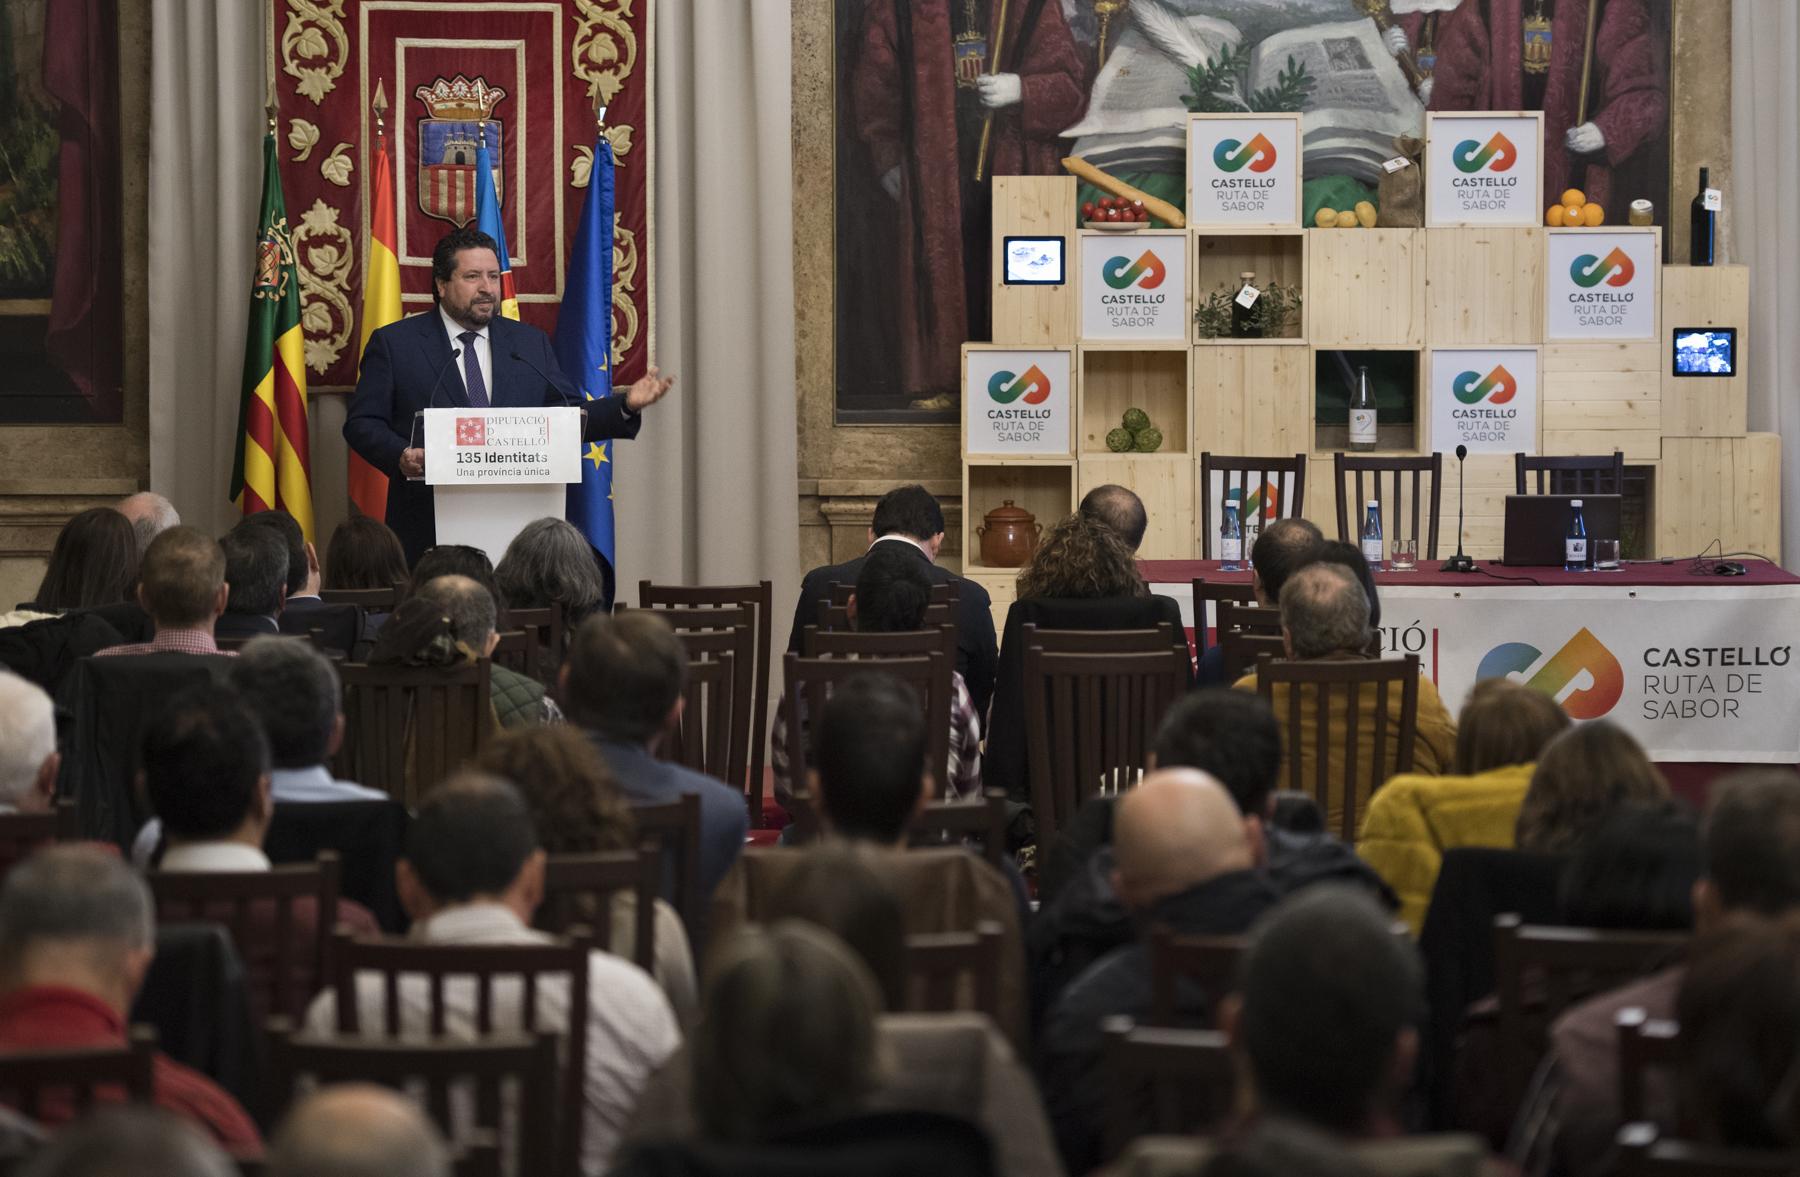 La Diputación de Castelló implica a los municipios con más tradición gastronómica en el producto turístico 'Castelló Ruta de Sabor'